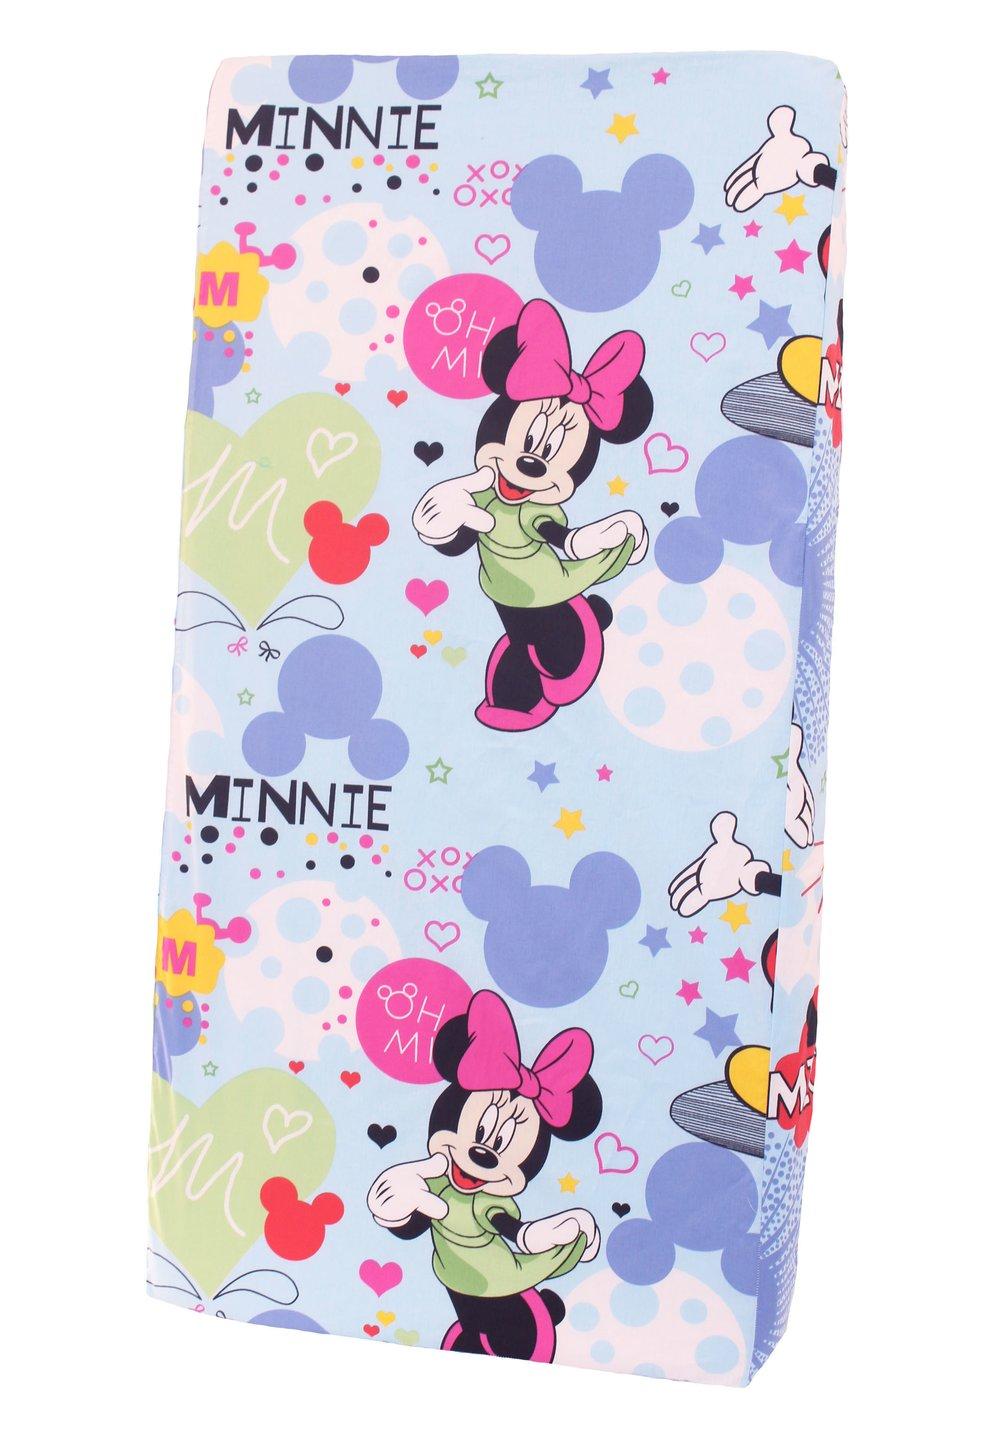 Cearceaf patut, albastru, Minnie si Mickey, 120x60cm imagine